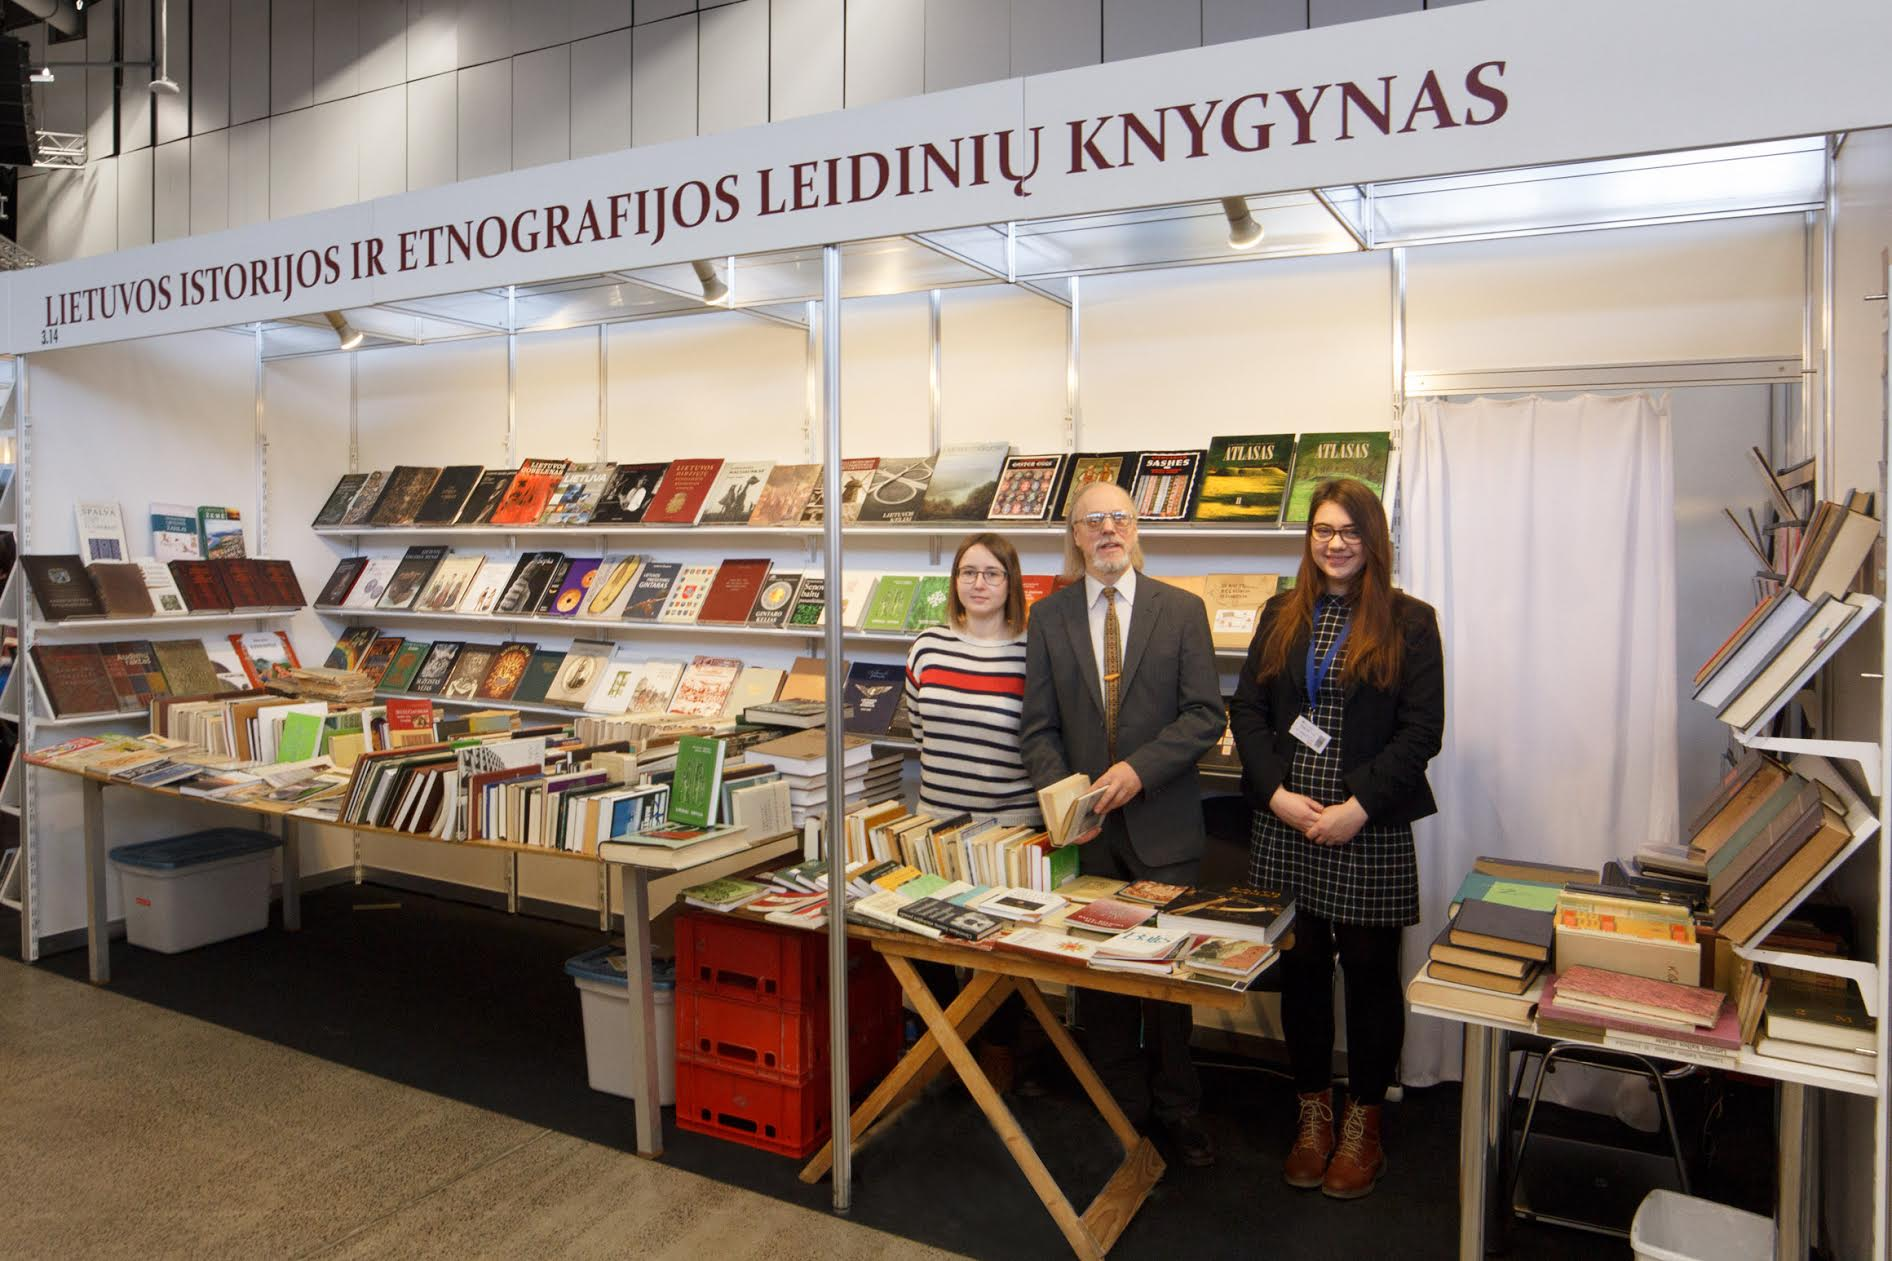 Lietuvos istorijos ir etnografijos leidinių knygynas, trečiojoje salėje, stendo Nr. 3.14 | Rengėjų nuotr.